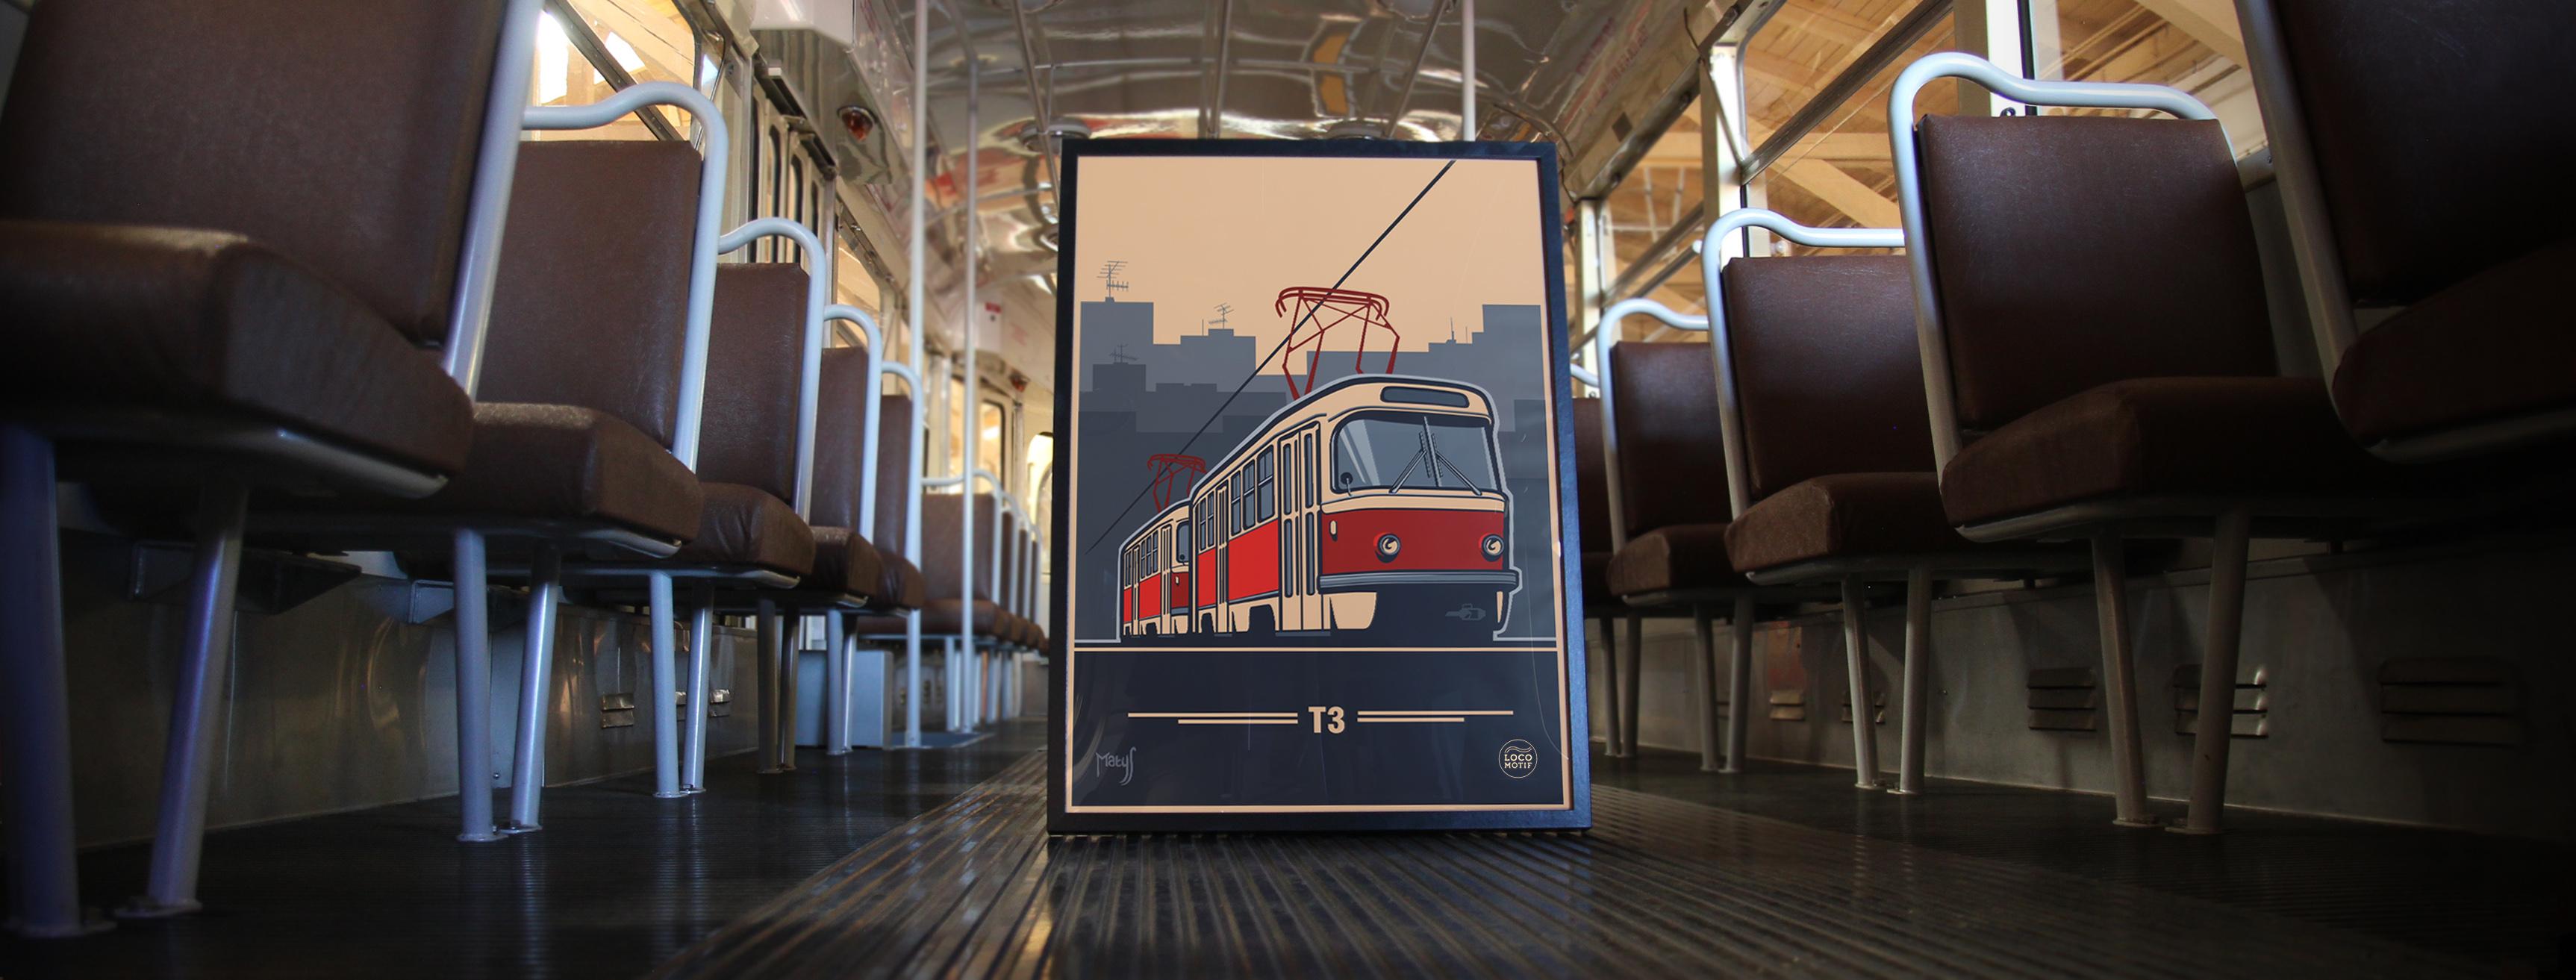 Plakát Tatra T3